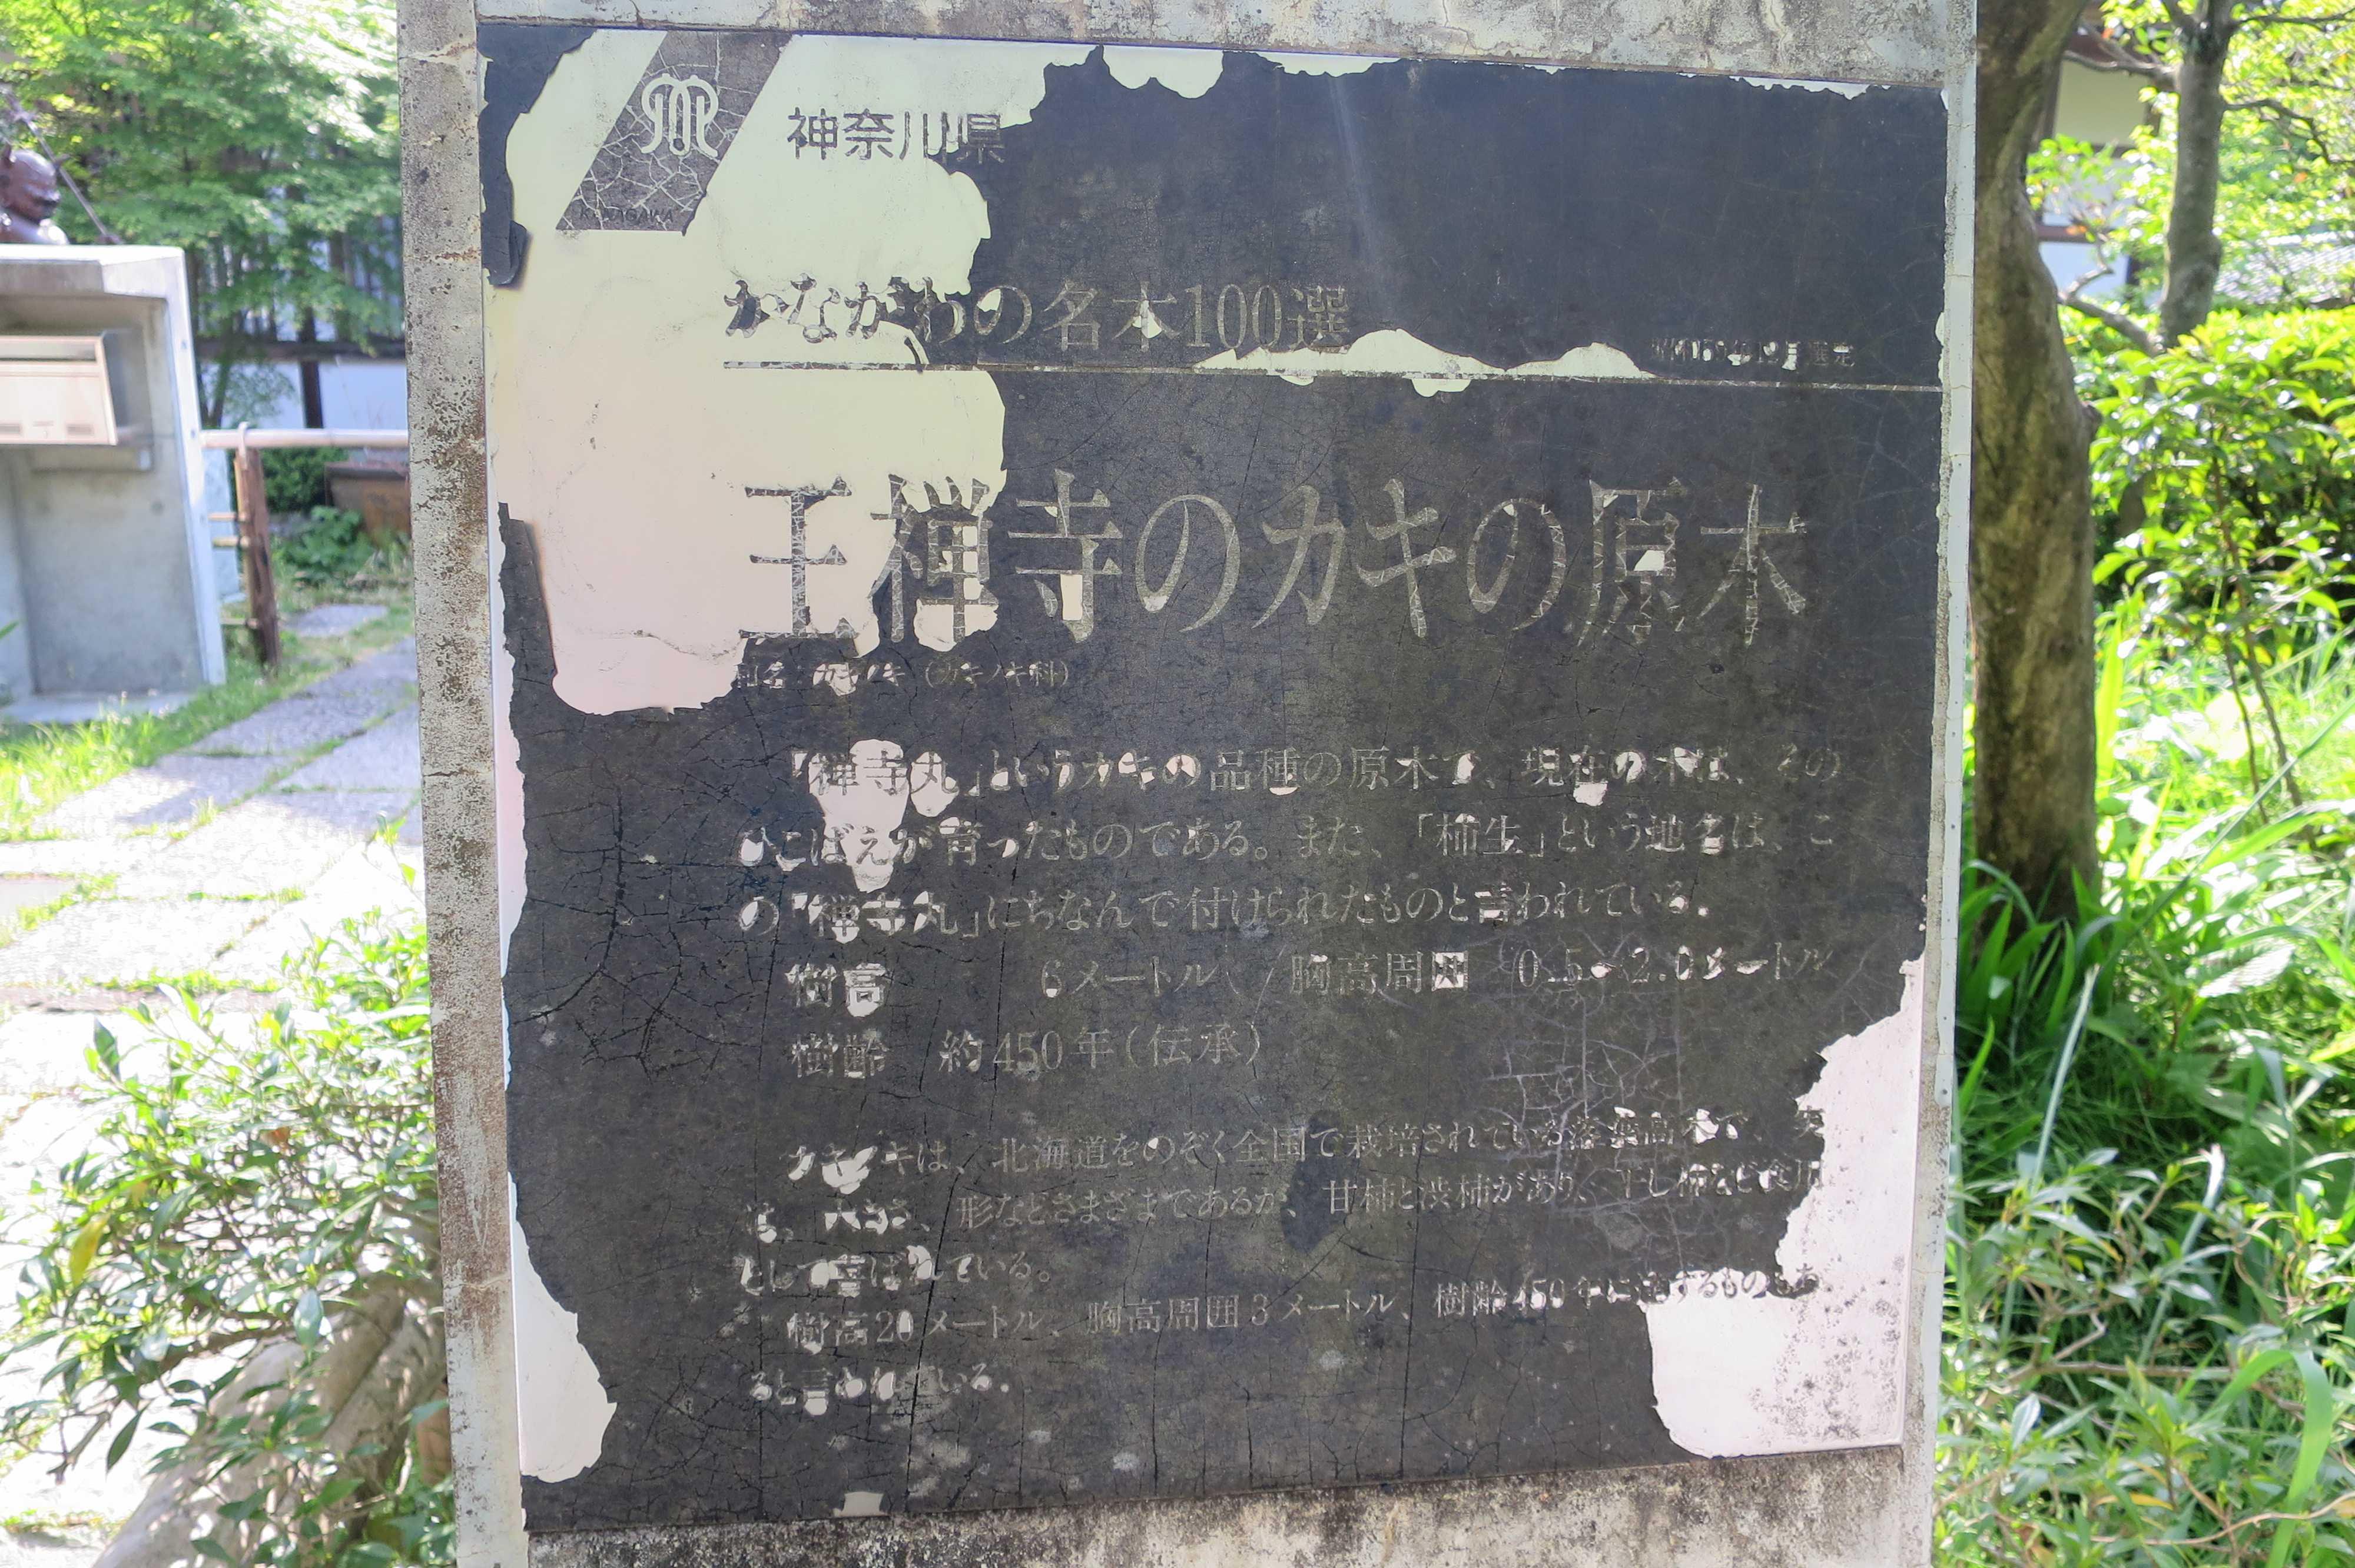 王禅寺のカキの原木 - 神奈川県 かながわの名木100選 昭和59年12月選定